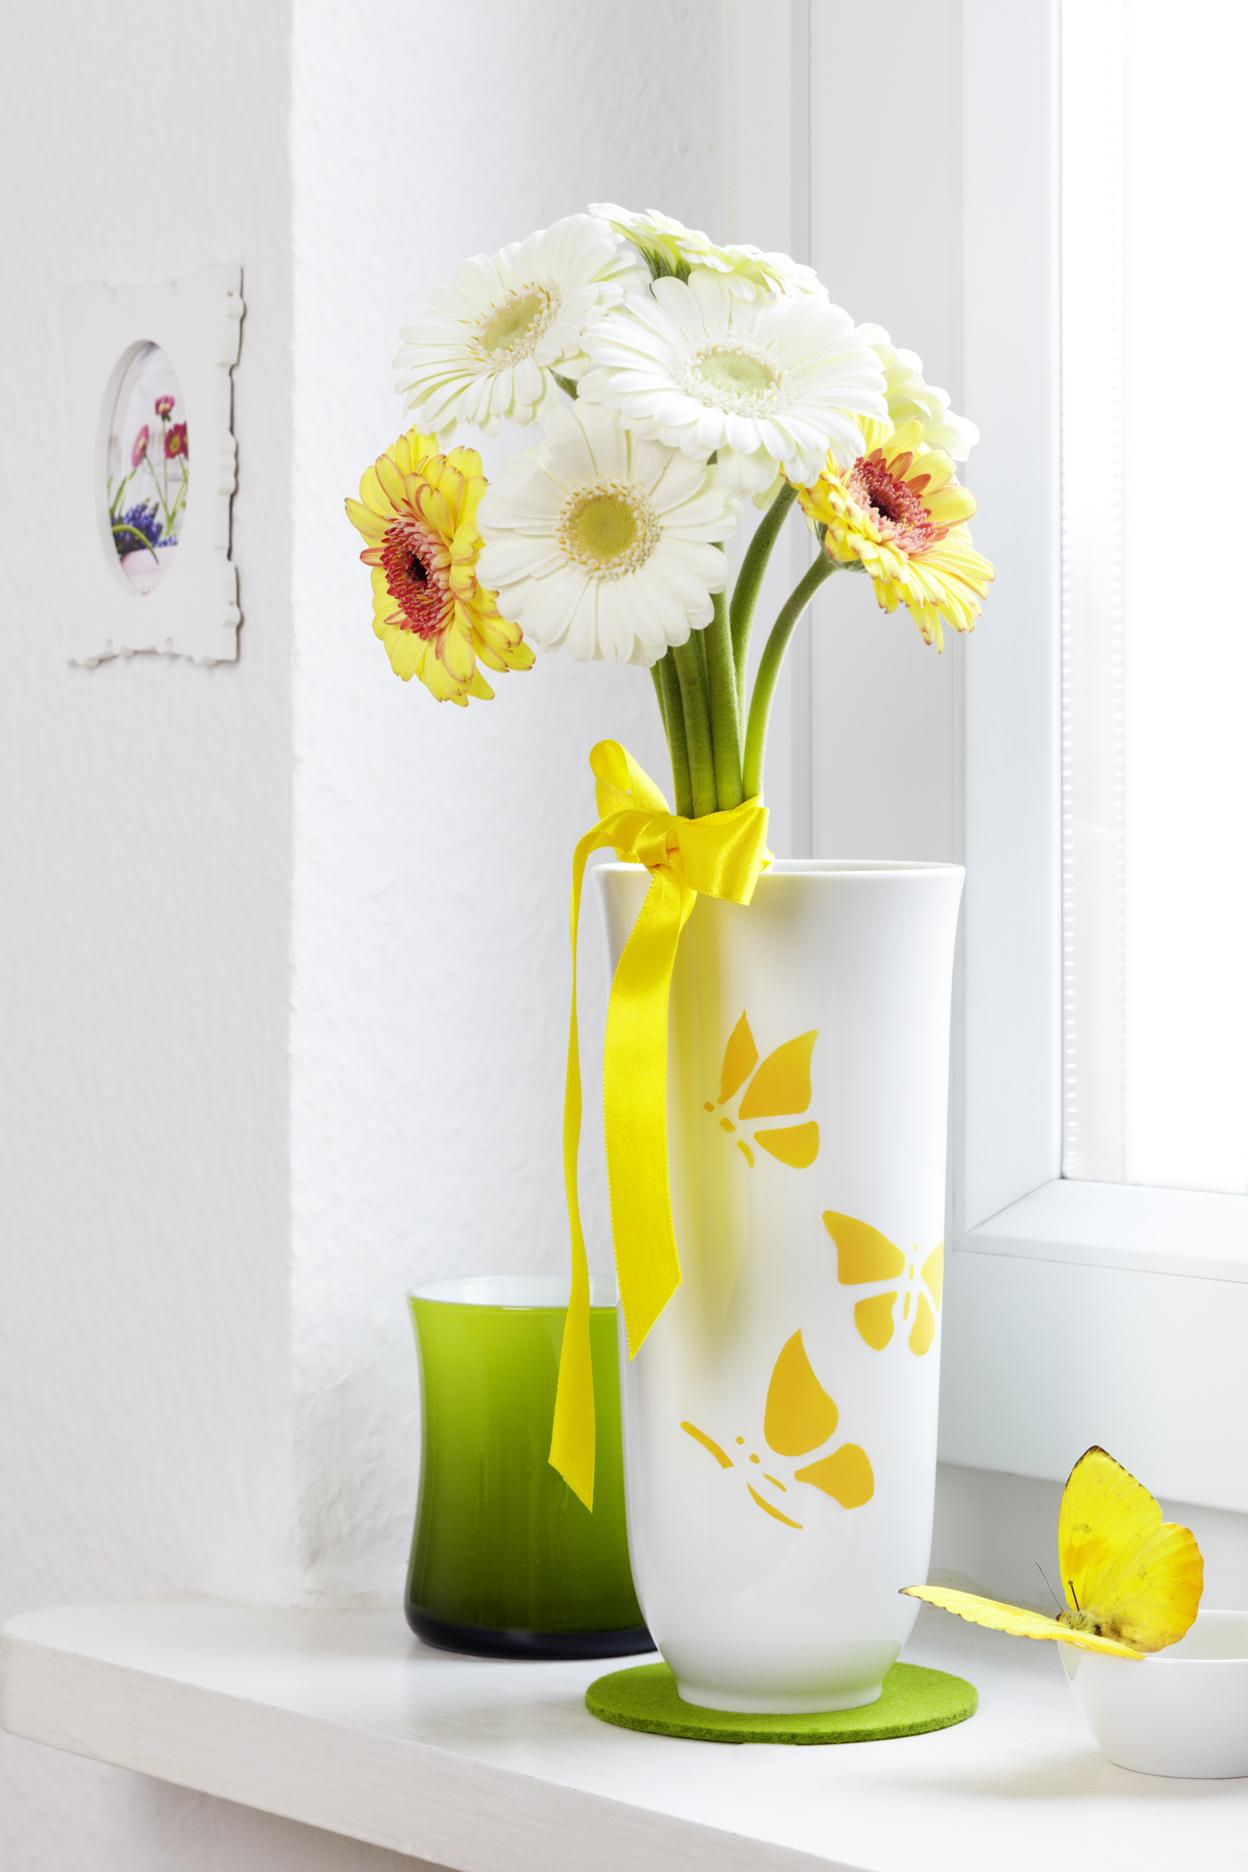 Tuerchen 14 - Brautstrauß-Vase von Sina's Welt